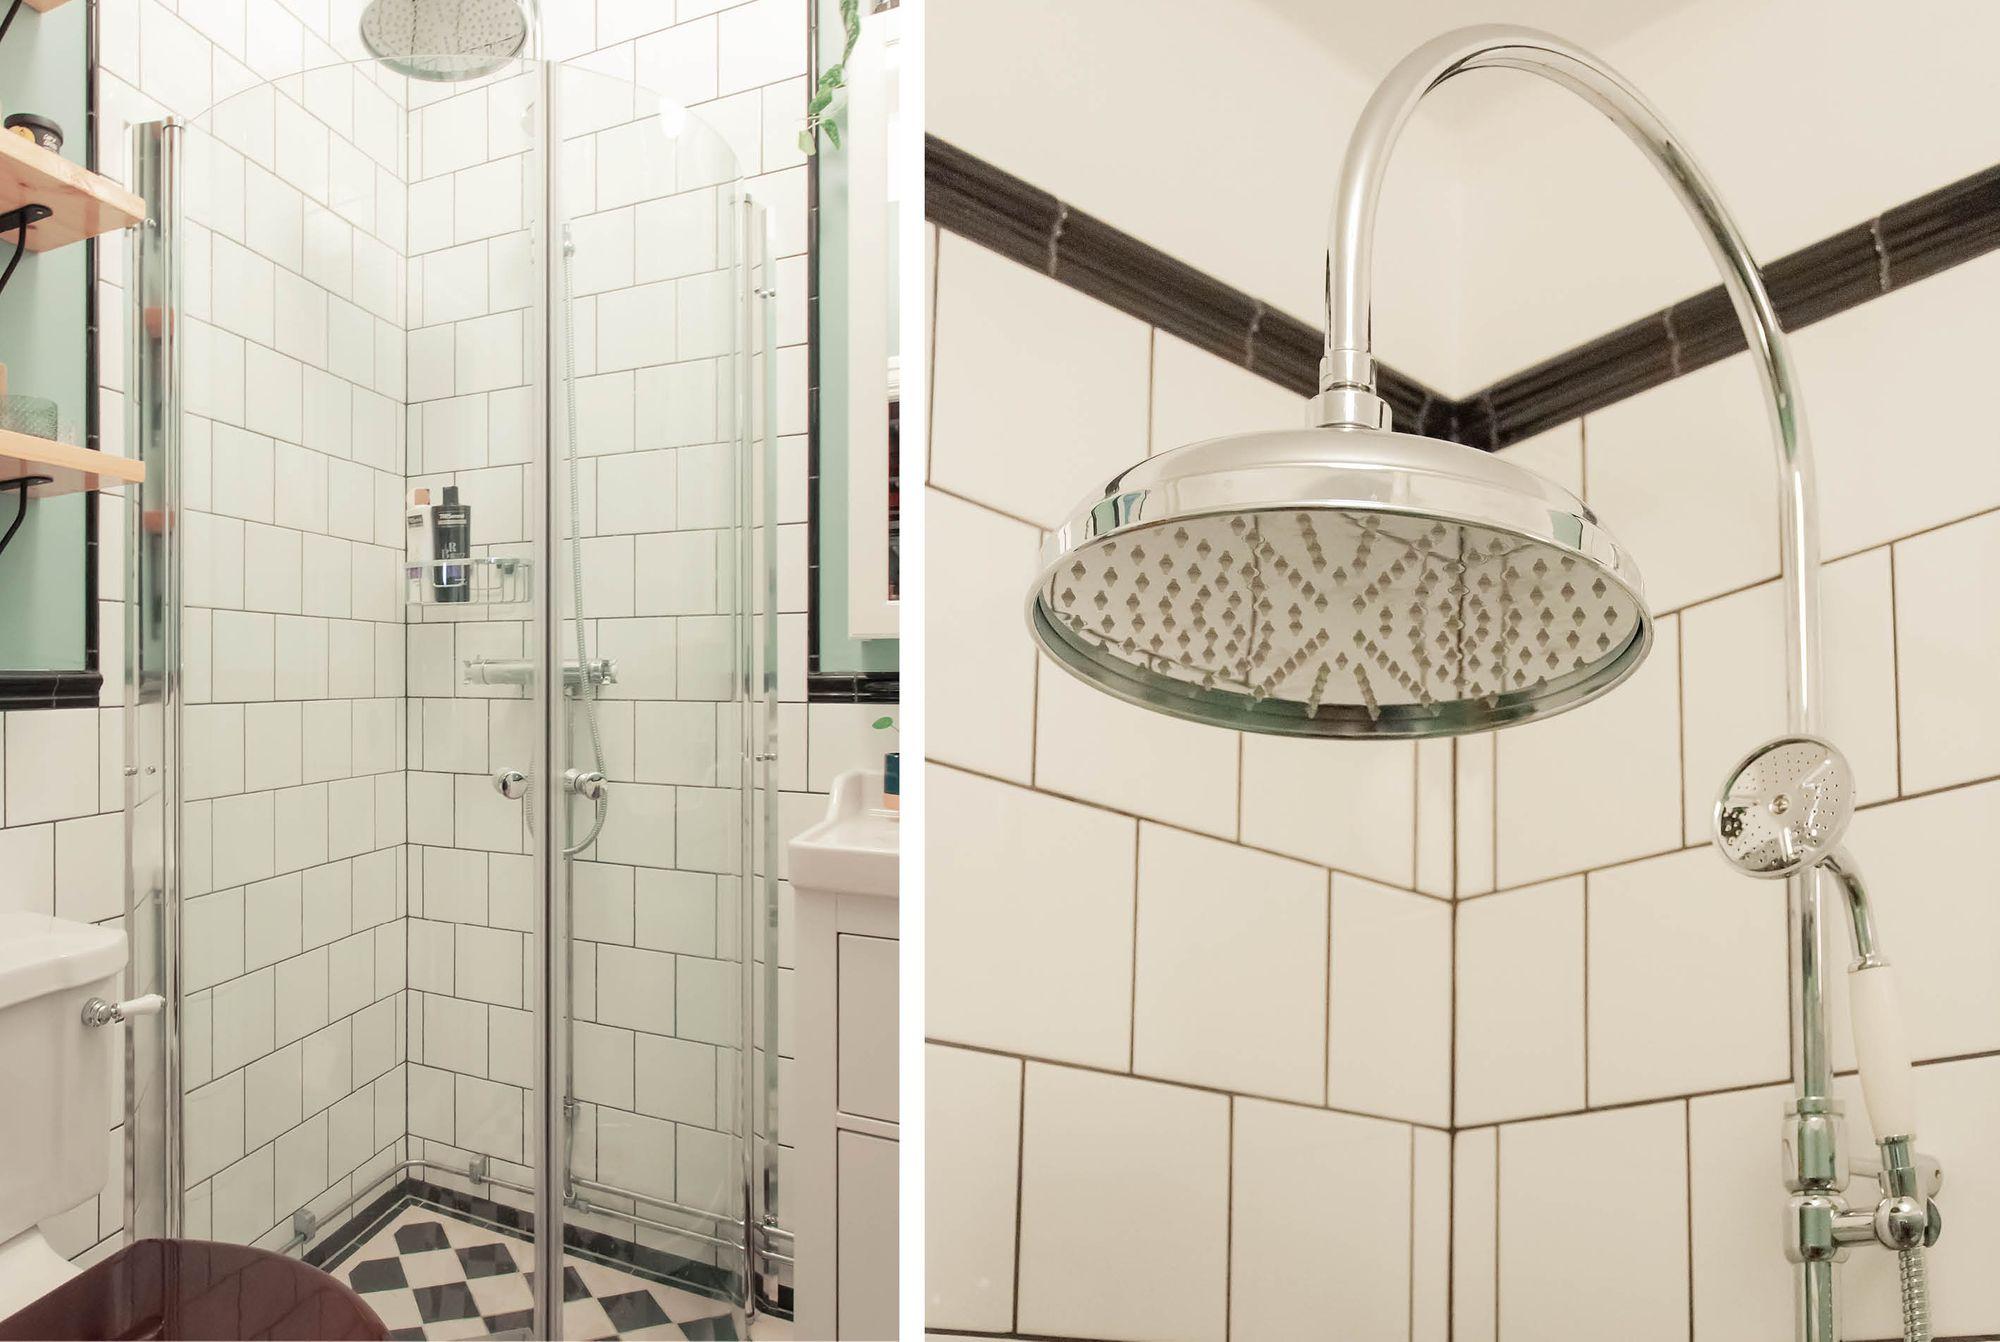 dusch-efter